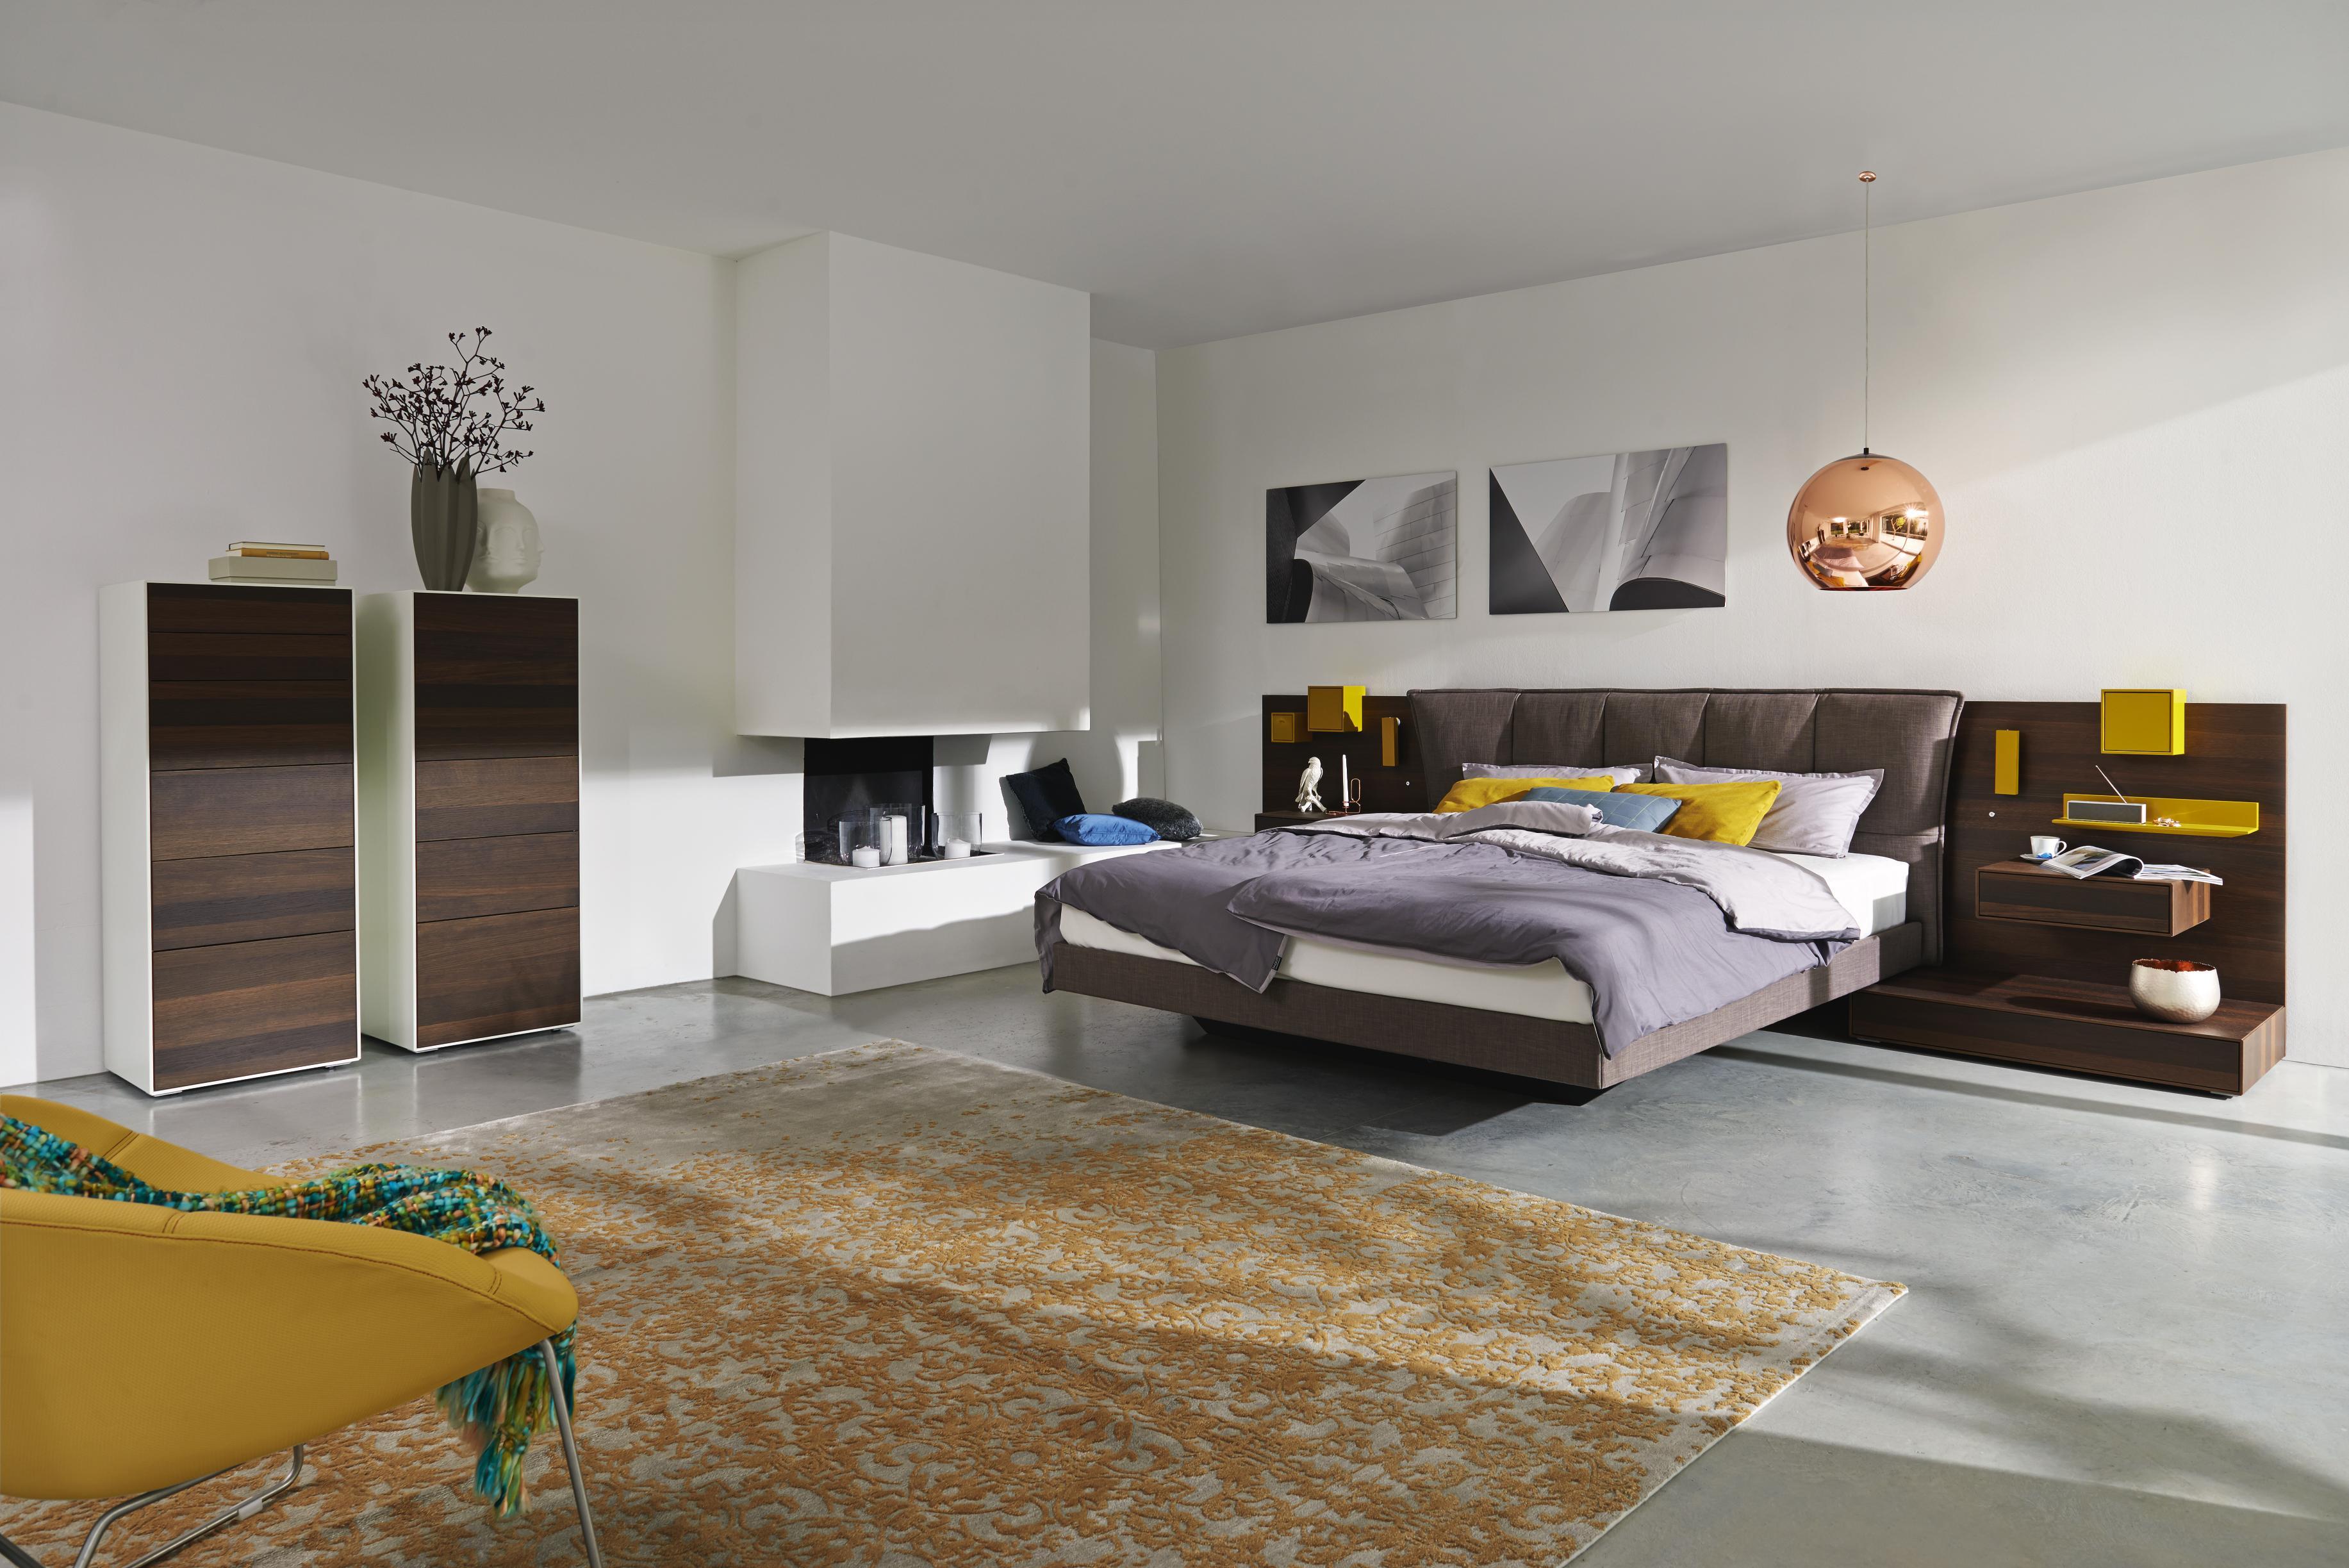 stunning hochwertiges bett fur schlafzimmer qualitatsgarantie ... - Hochwertiges Bett Fur Schlafzimmer Qualitatsgarantie